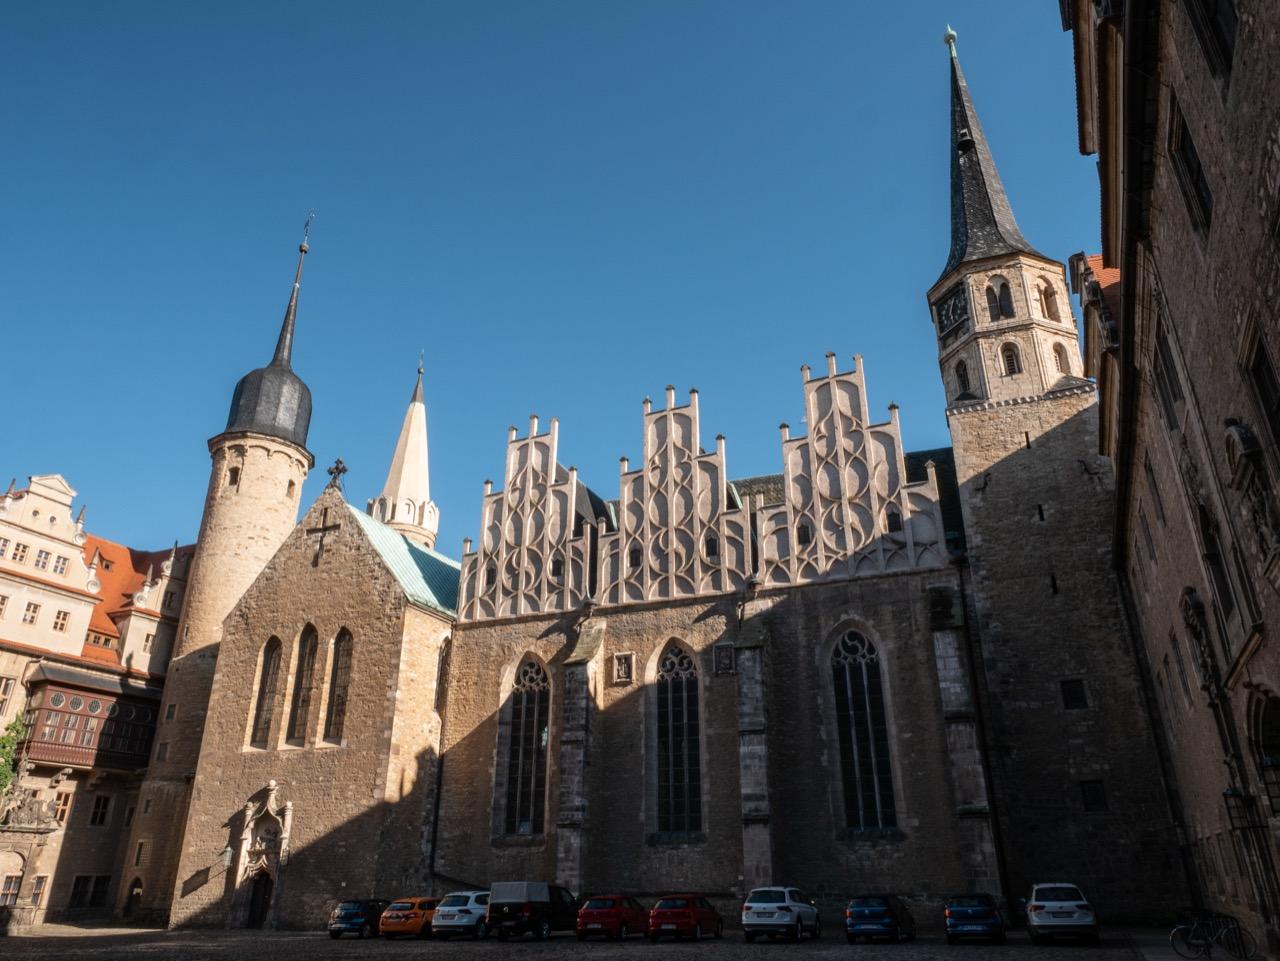 Außenansicht von Nordwesten aus dem Schlosshof